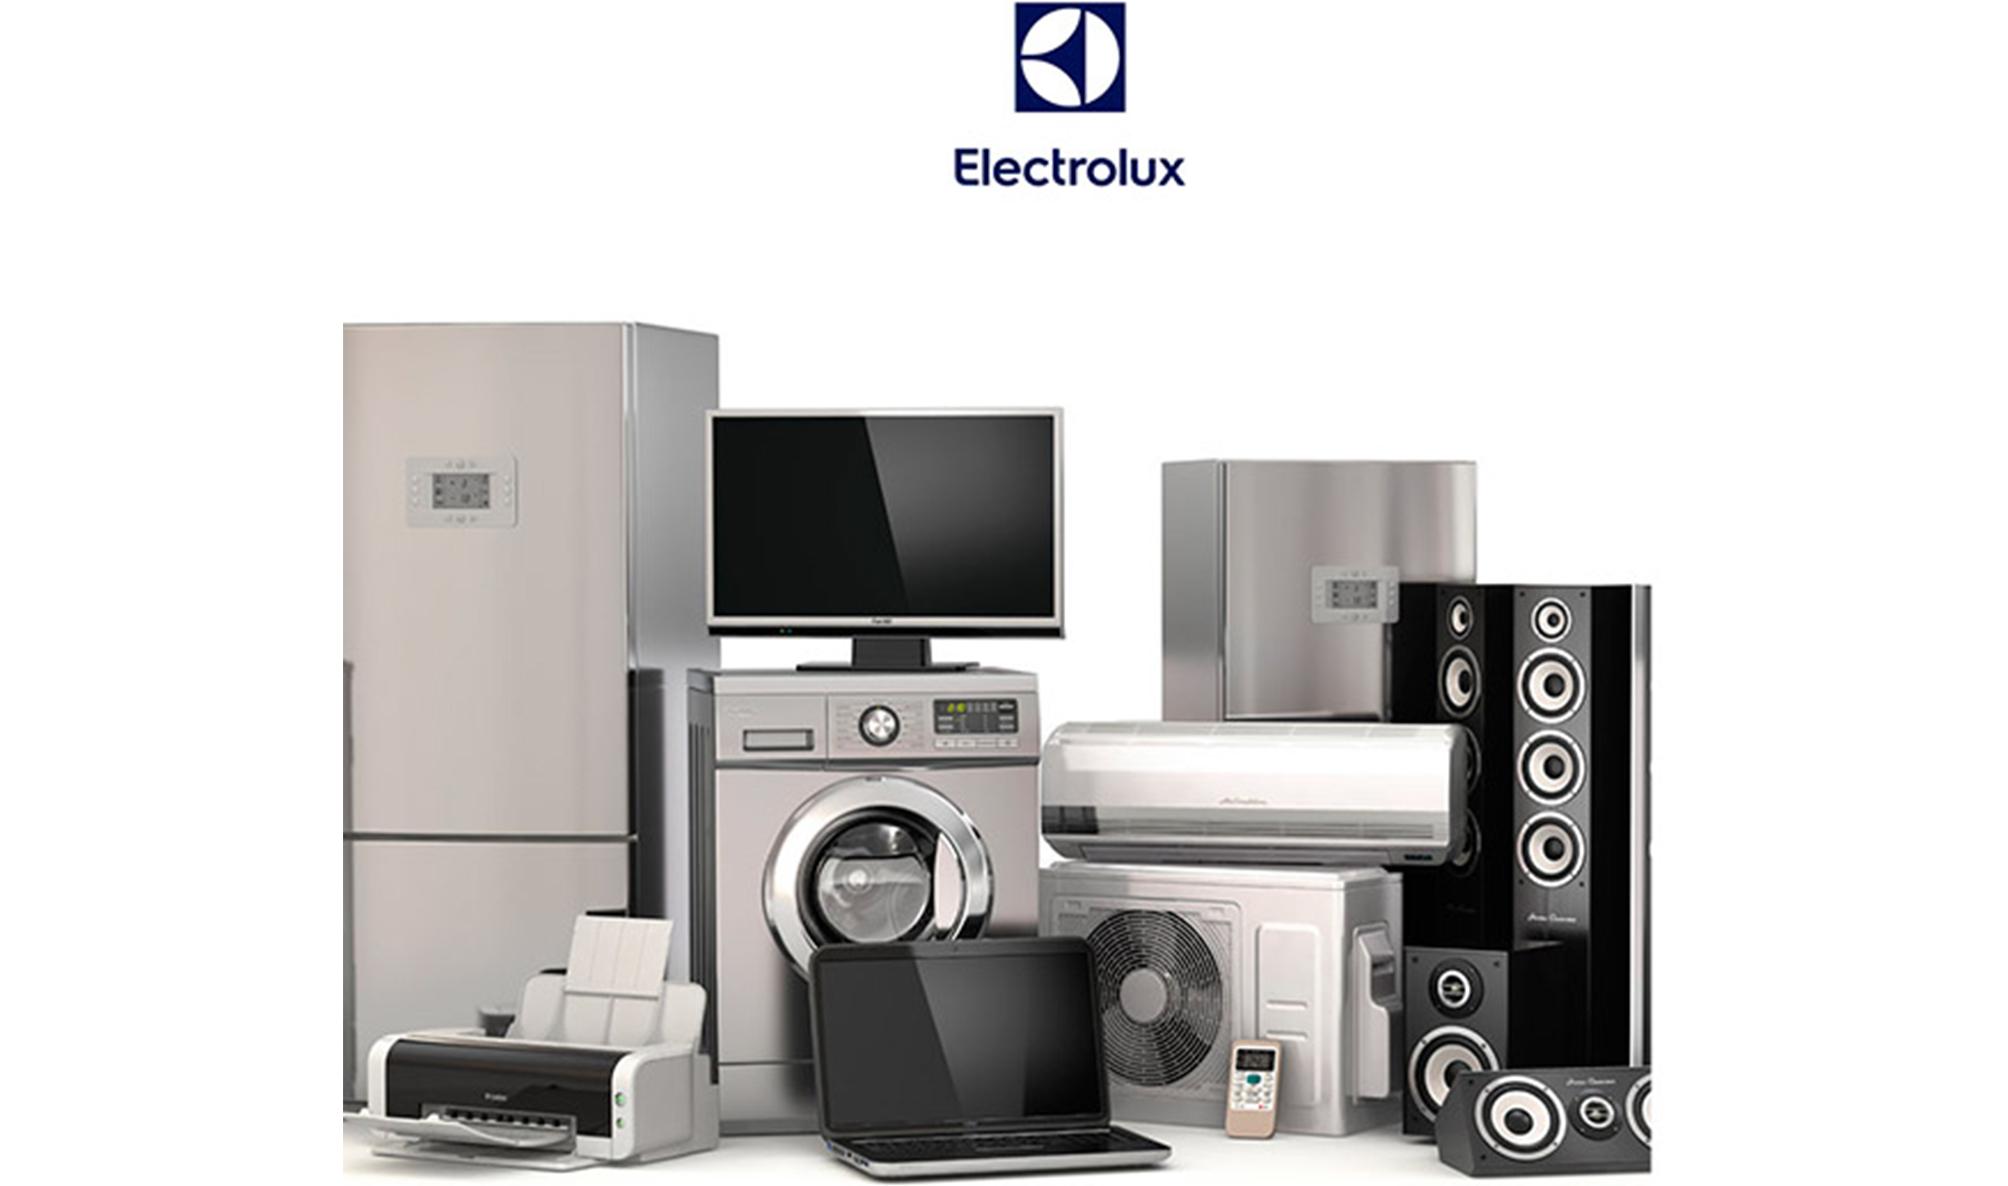 electrodomesticos-electroluz